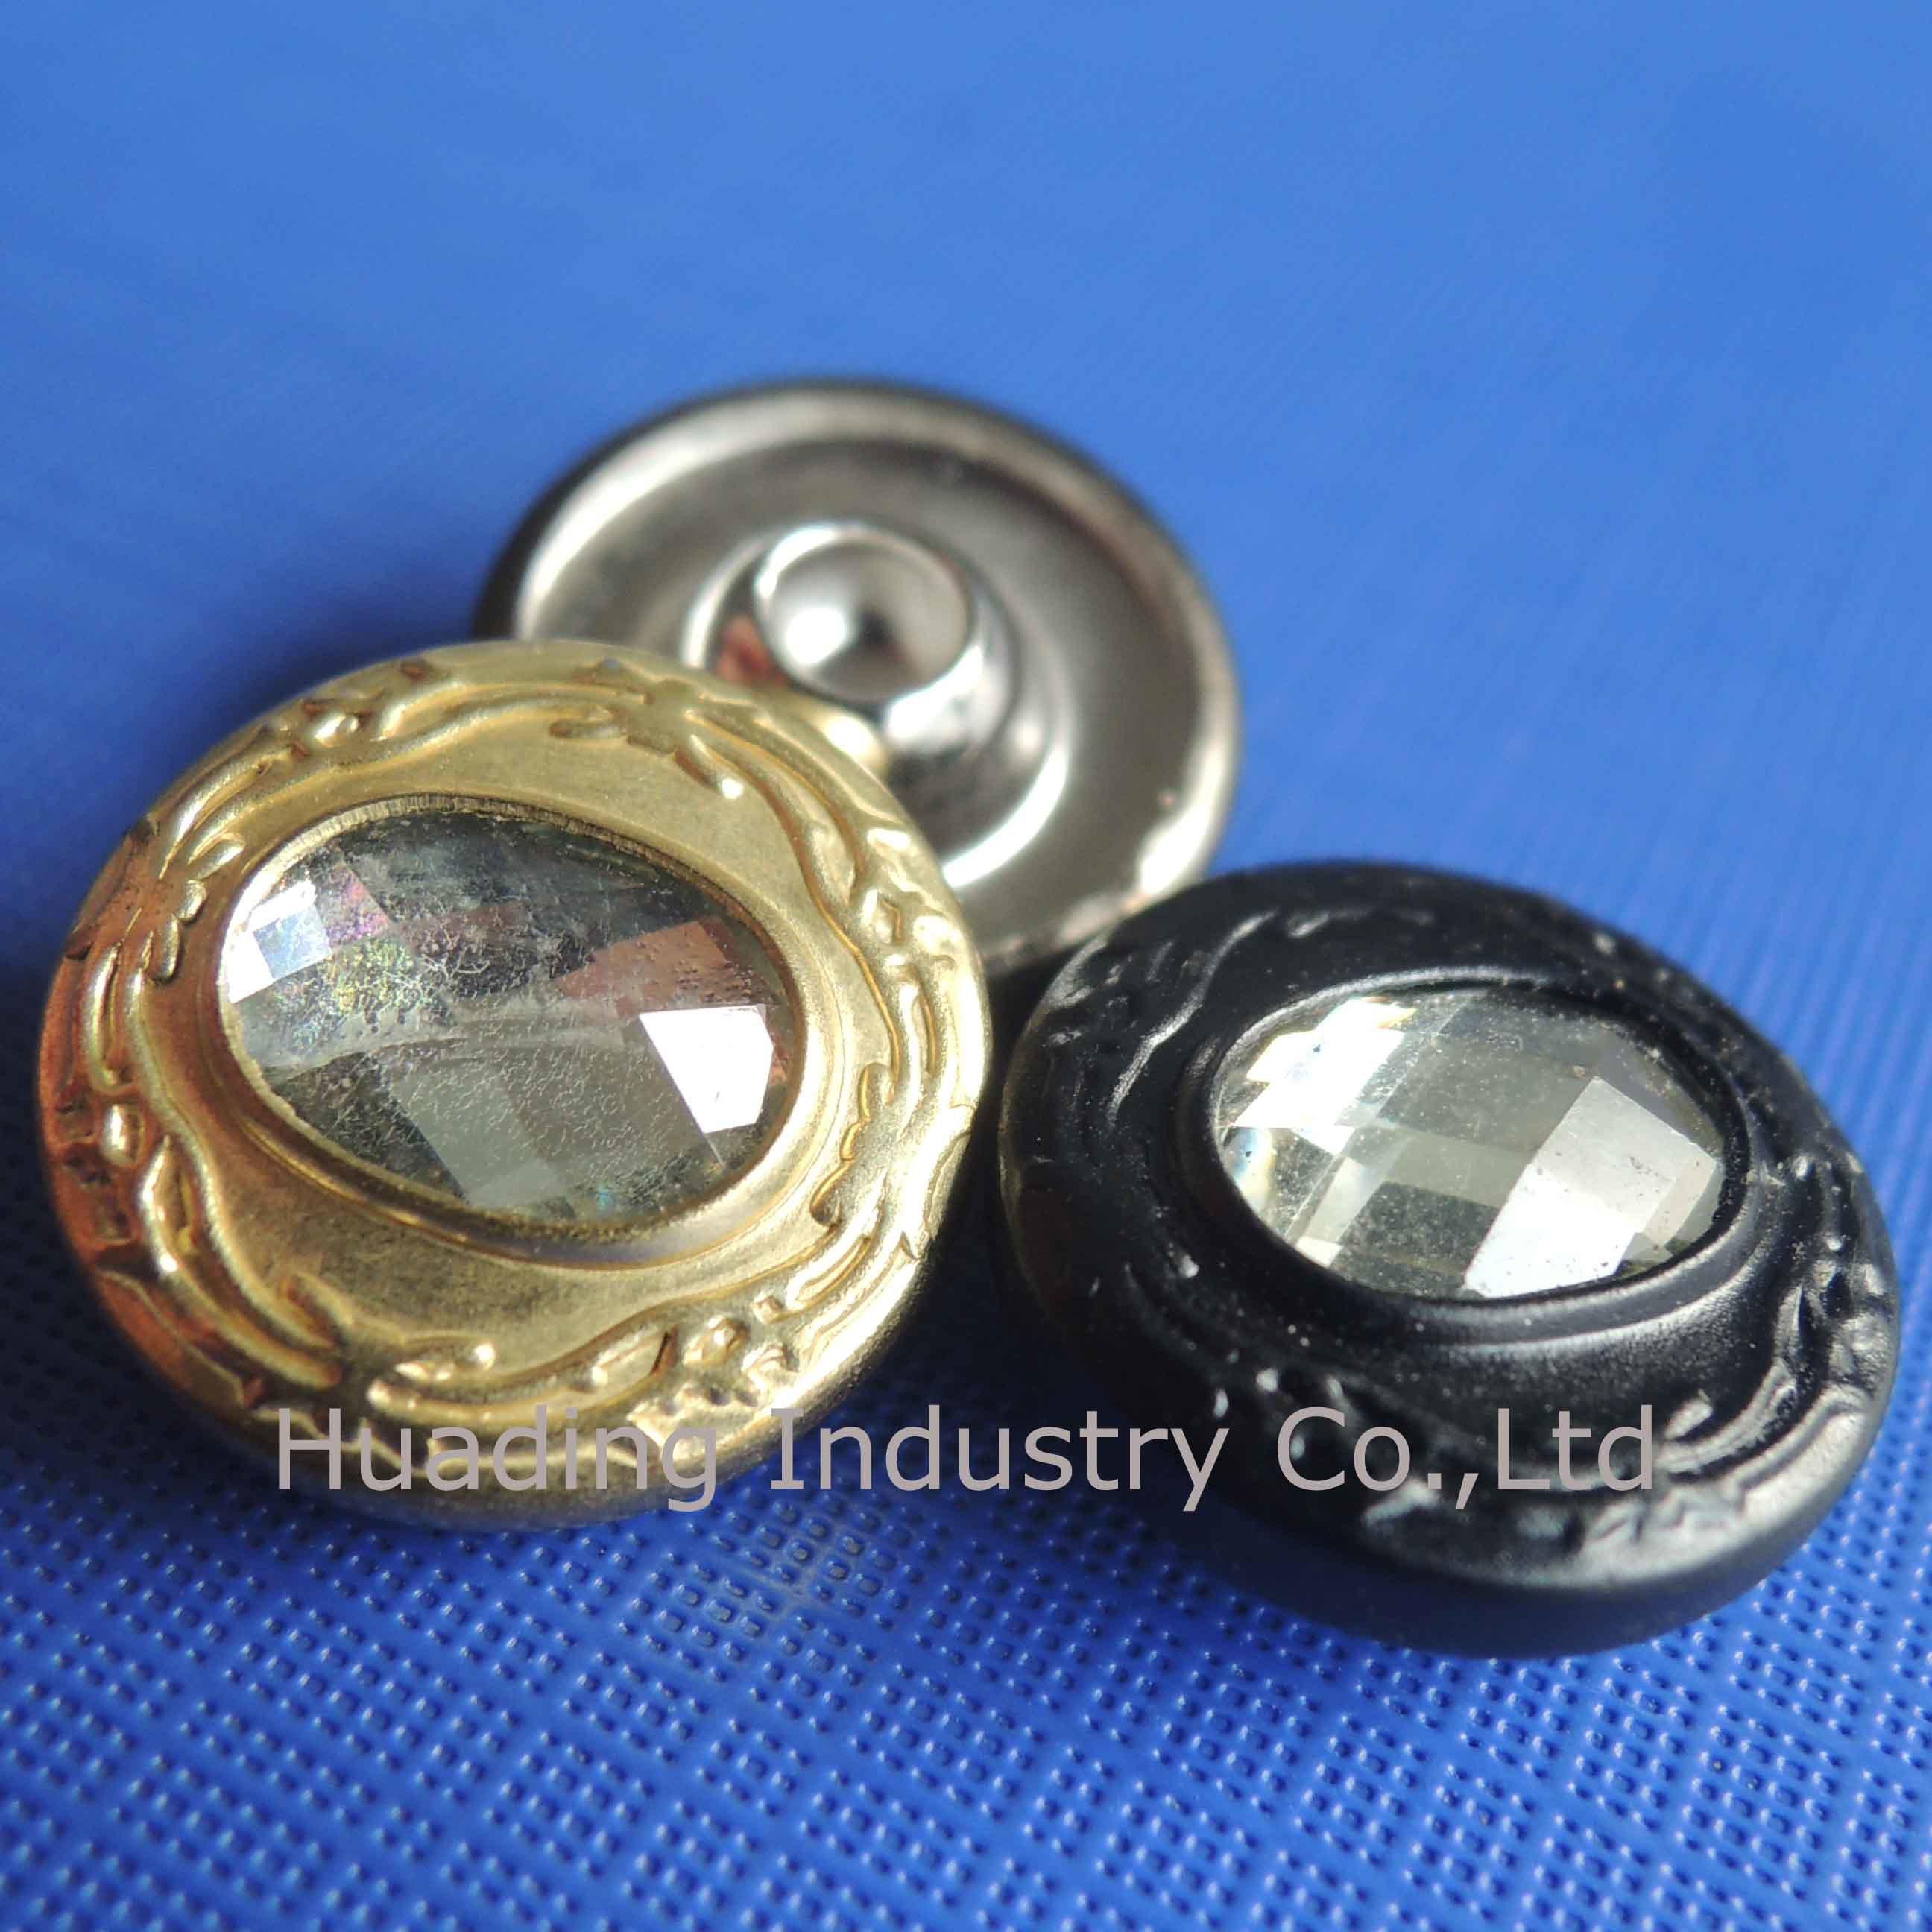 Diamante Metal Rivet for Jeans